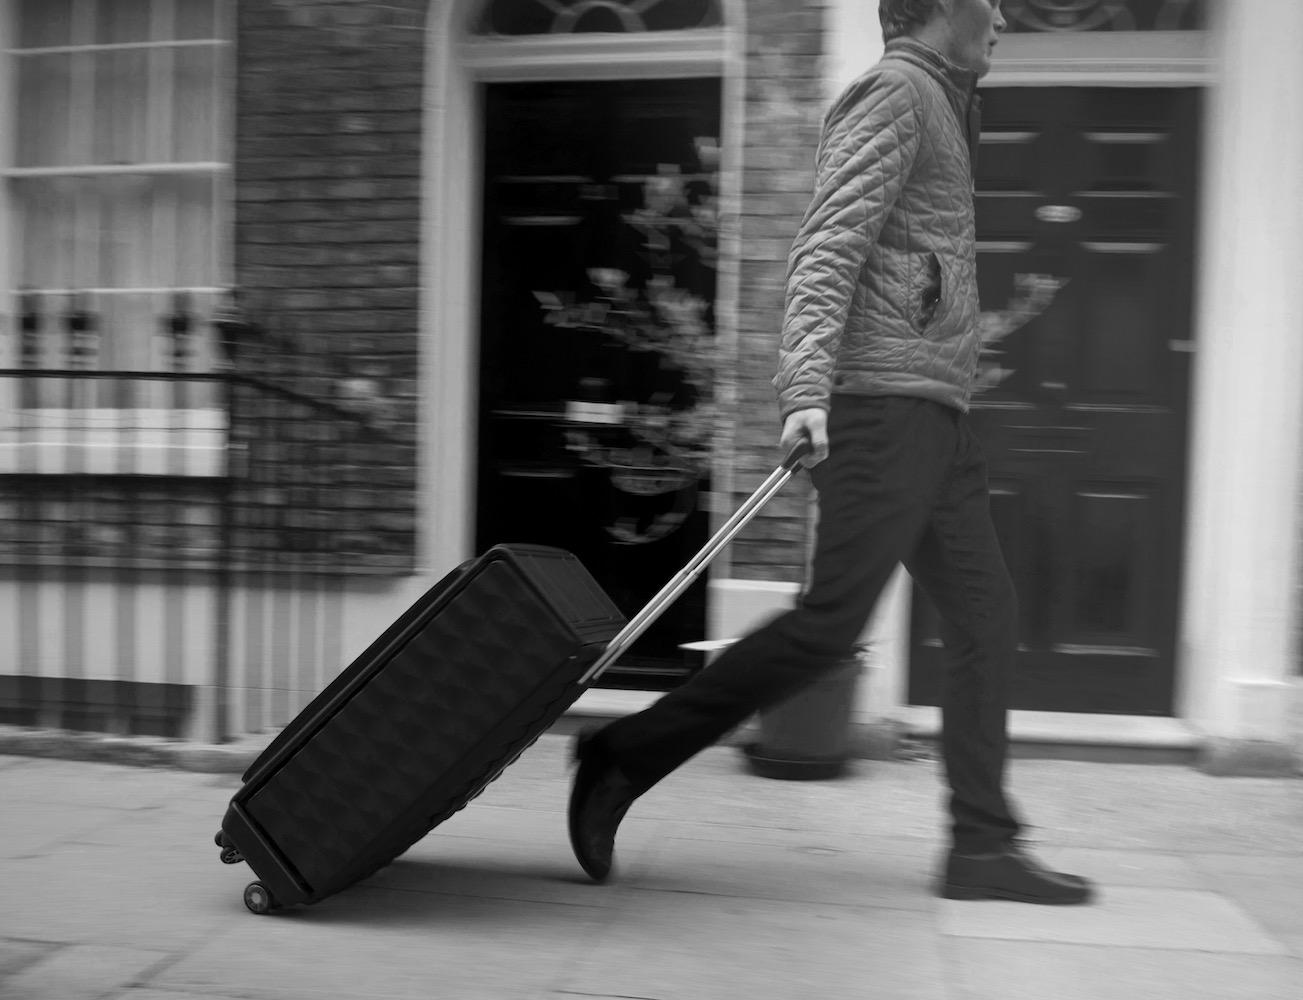 neit-luggage-01